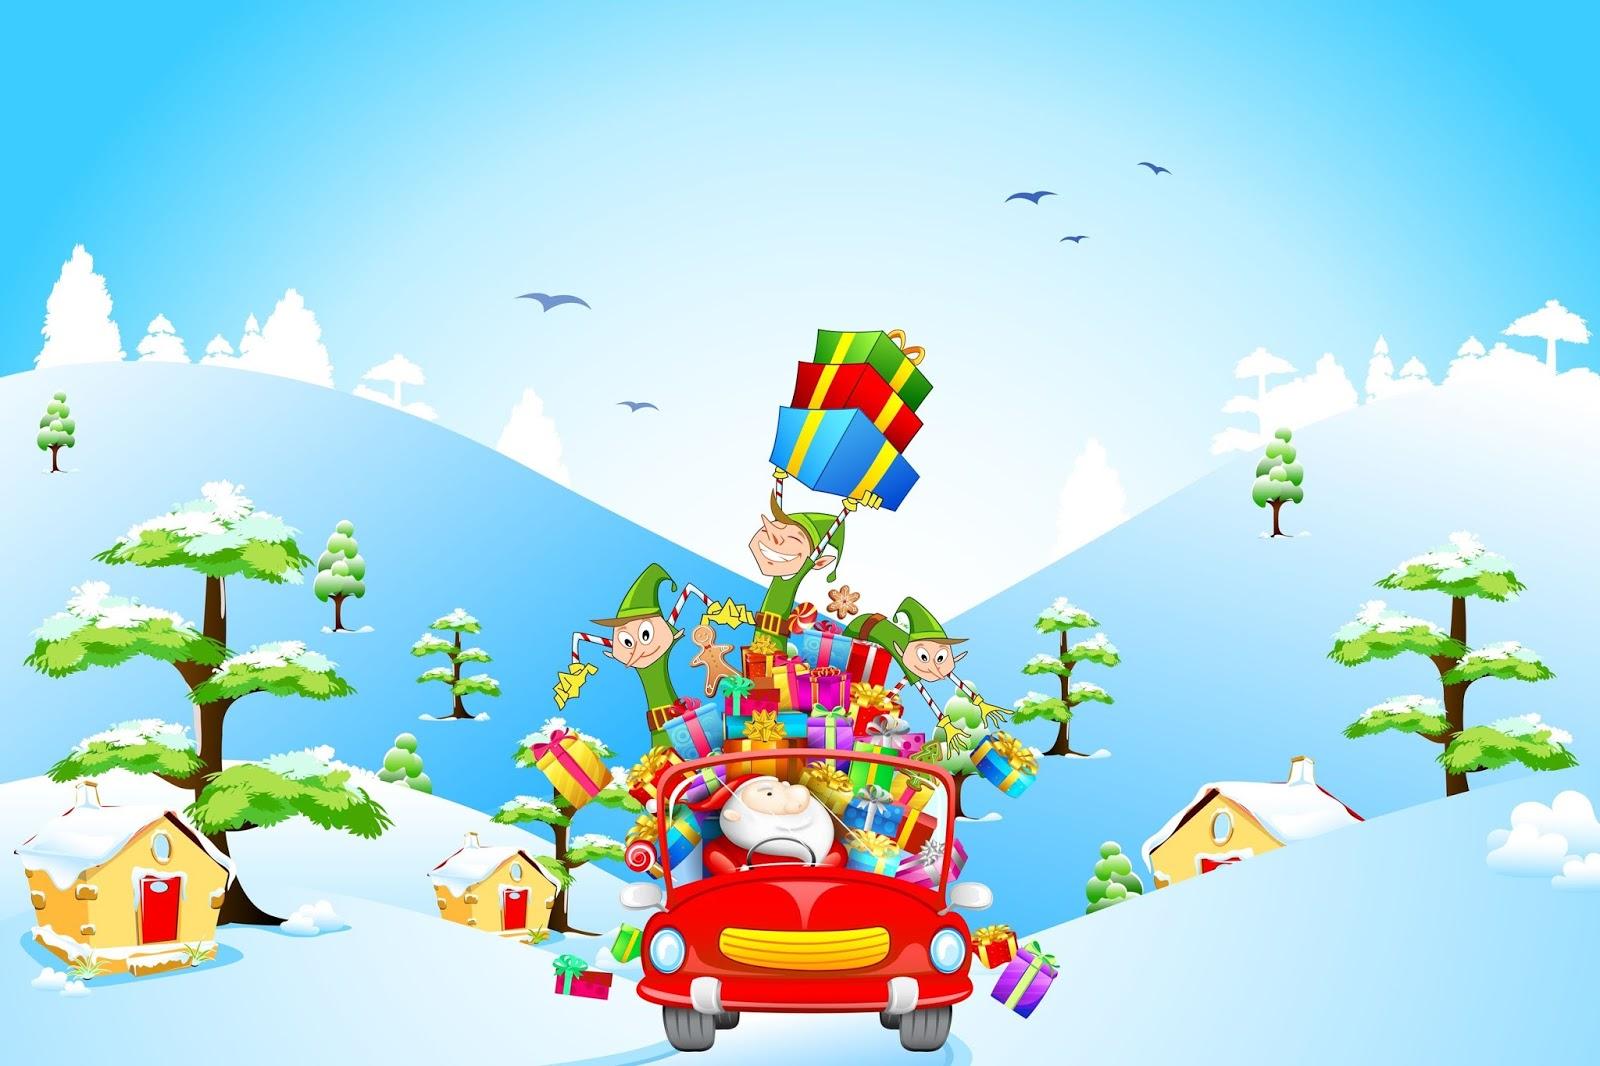 Aqui Hay Imagenes Bonitas De Navidad Para Fondo De: BANCO DE IMÁGENES: Bonito Fondo Navideño Con Santa Claus